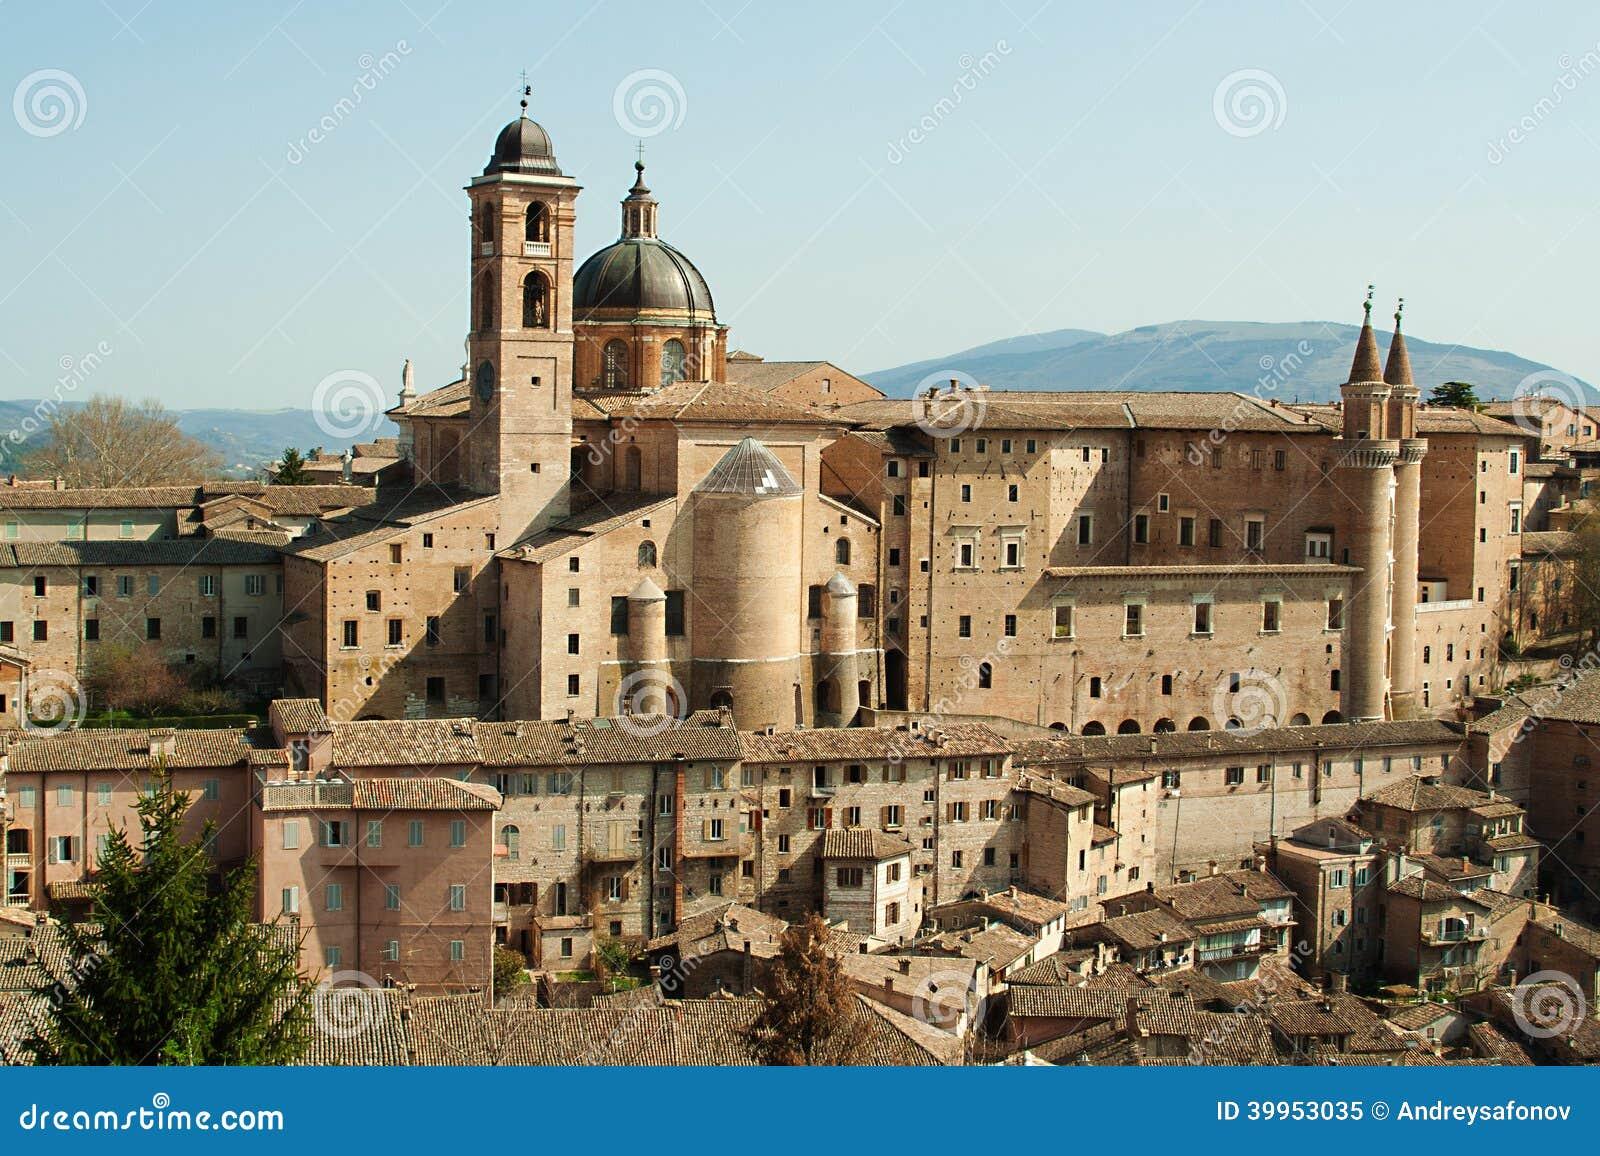 italienische stadt urbino stockbild bild von